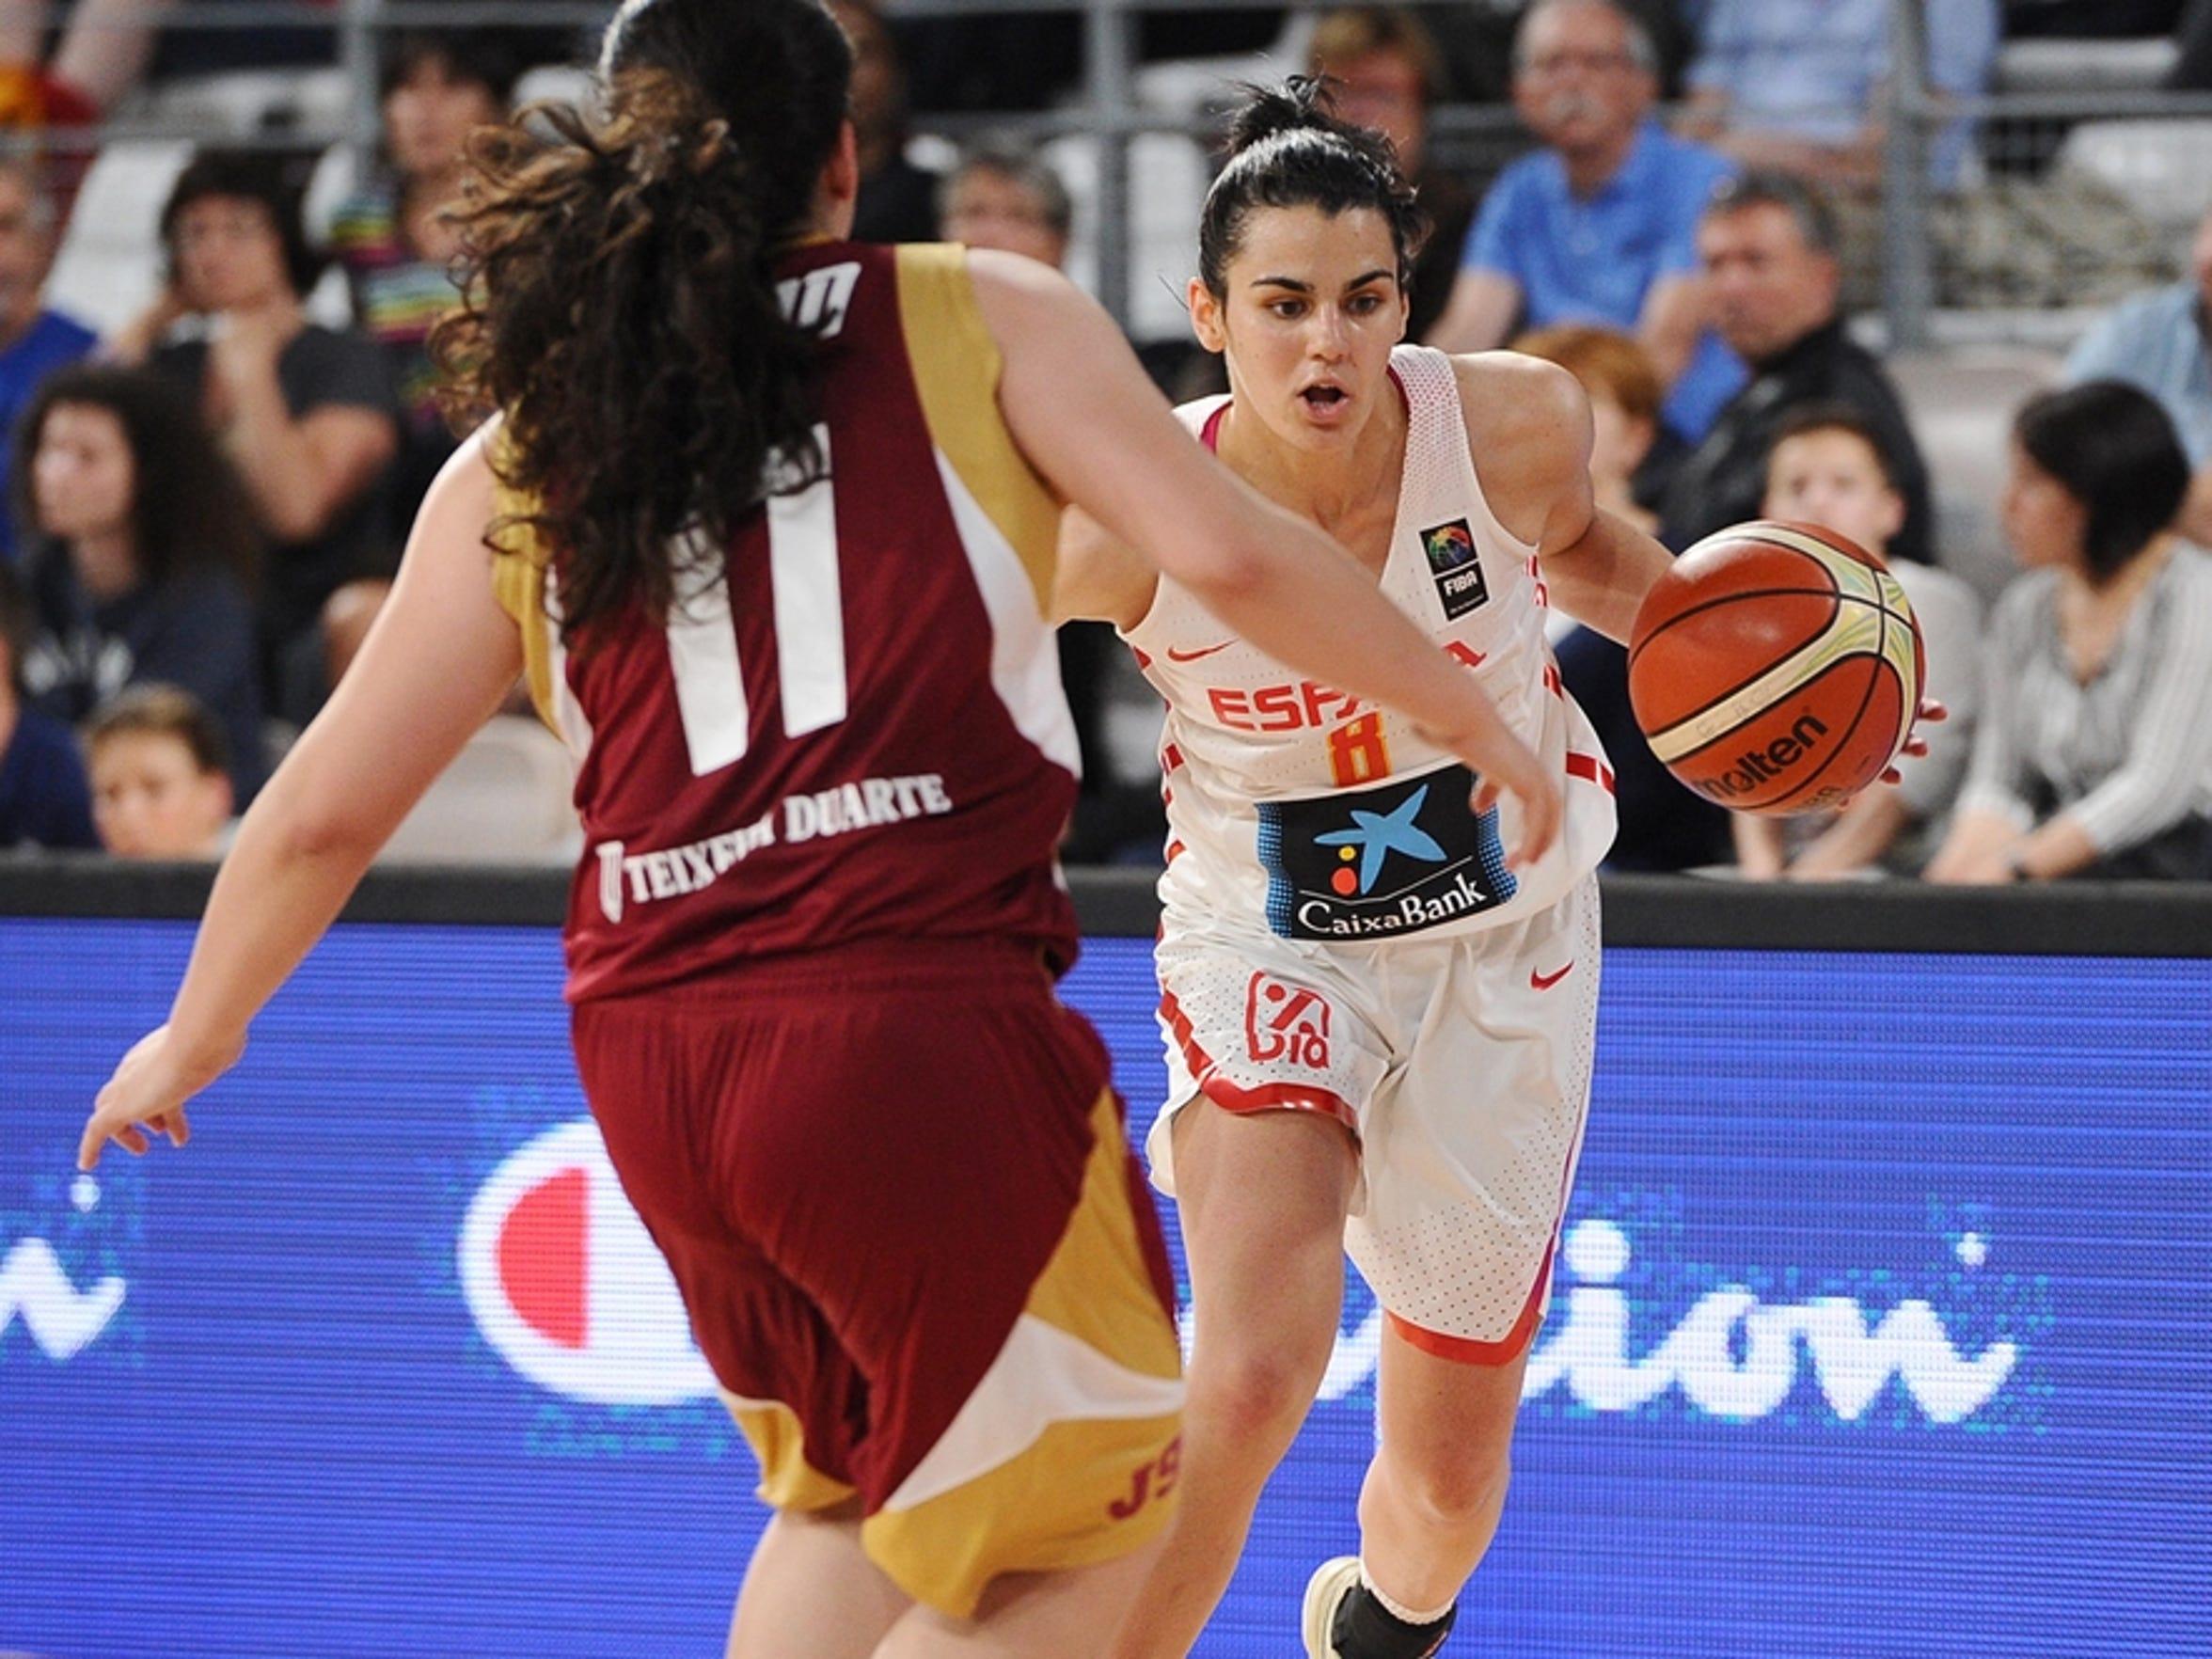 Leticia Romero of FSU Women's basketball, will represent